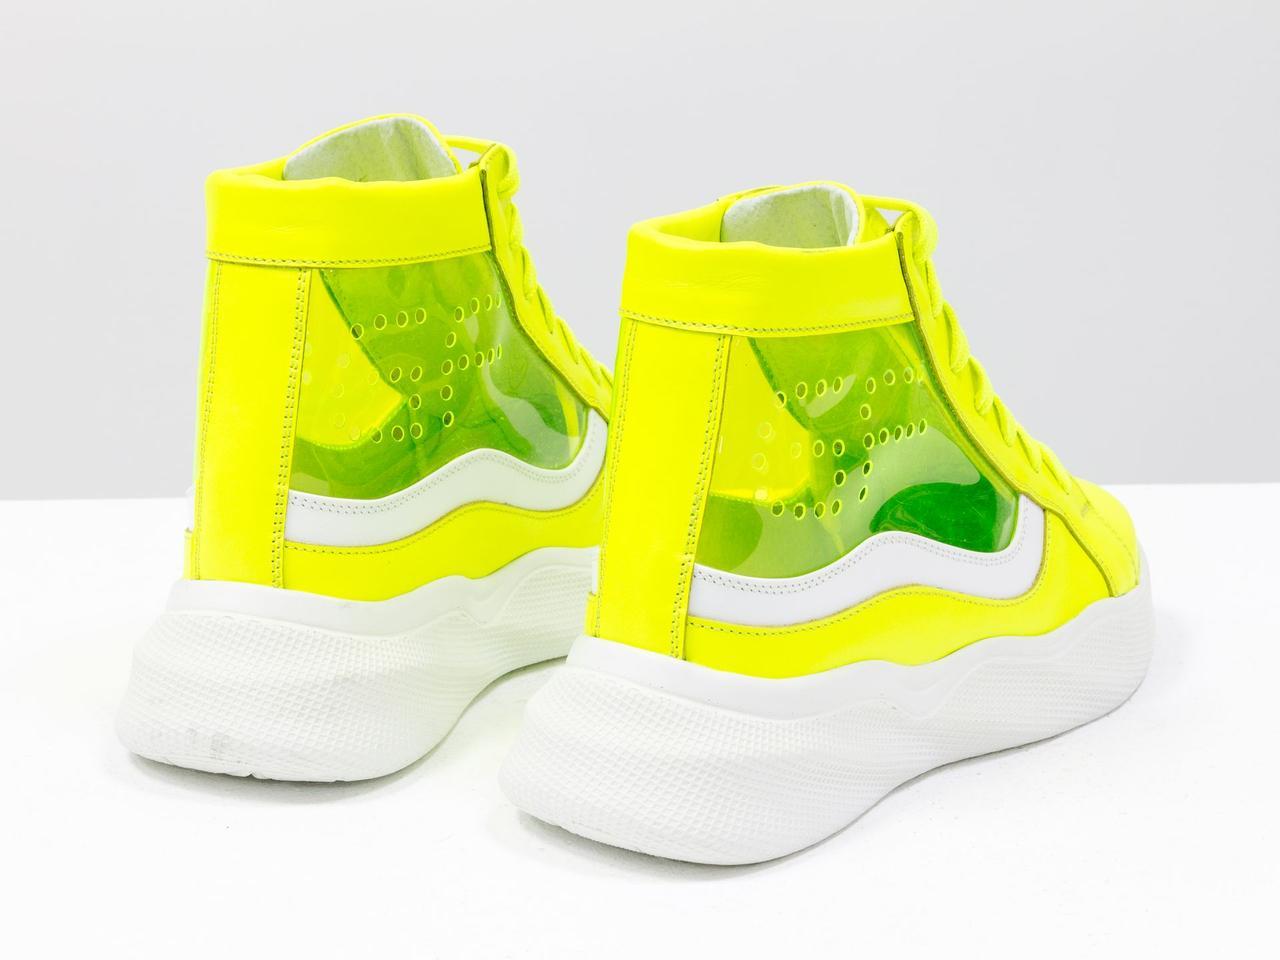 Дизайнерские прозрачные ботинки из натуральной неоновой кожи желтого и белого цвета - фото 8